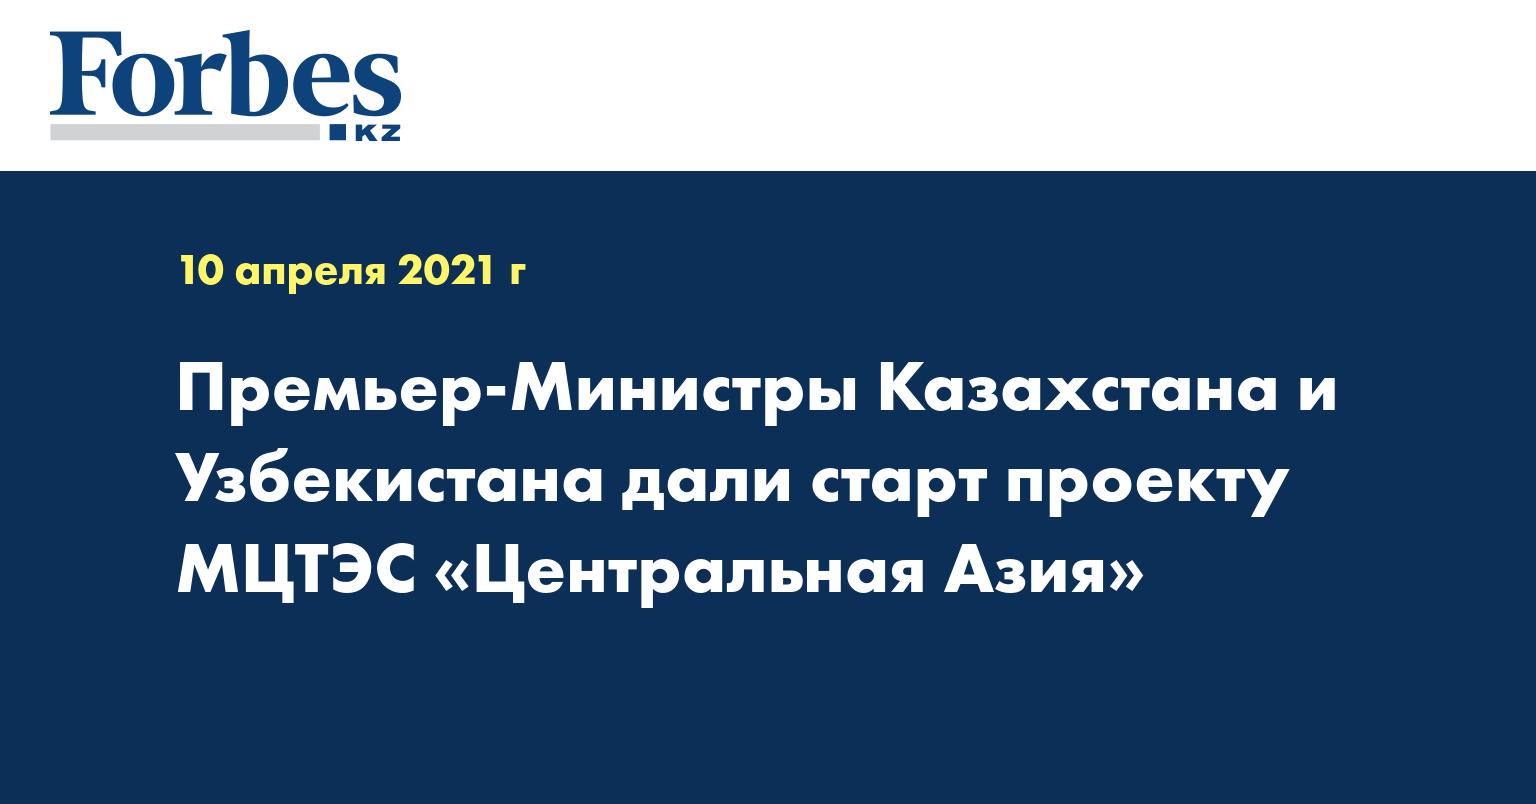 Премьер-Министры Казахстана и Узбекистана дали старт проекту МЦТЭС «Центральная Азия»